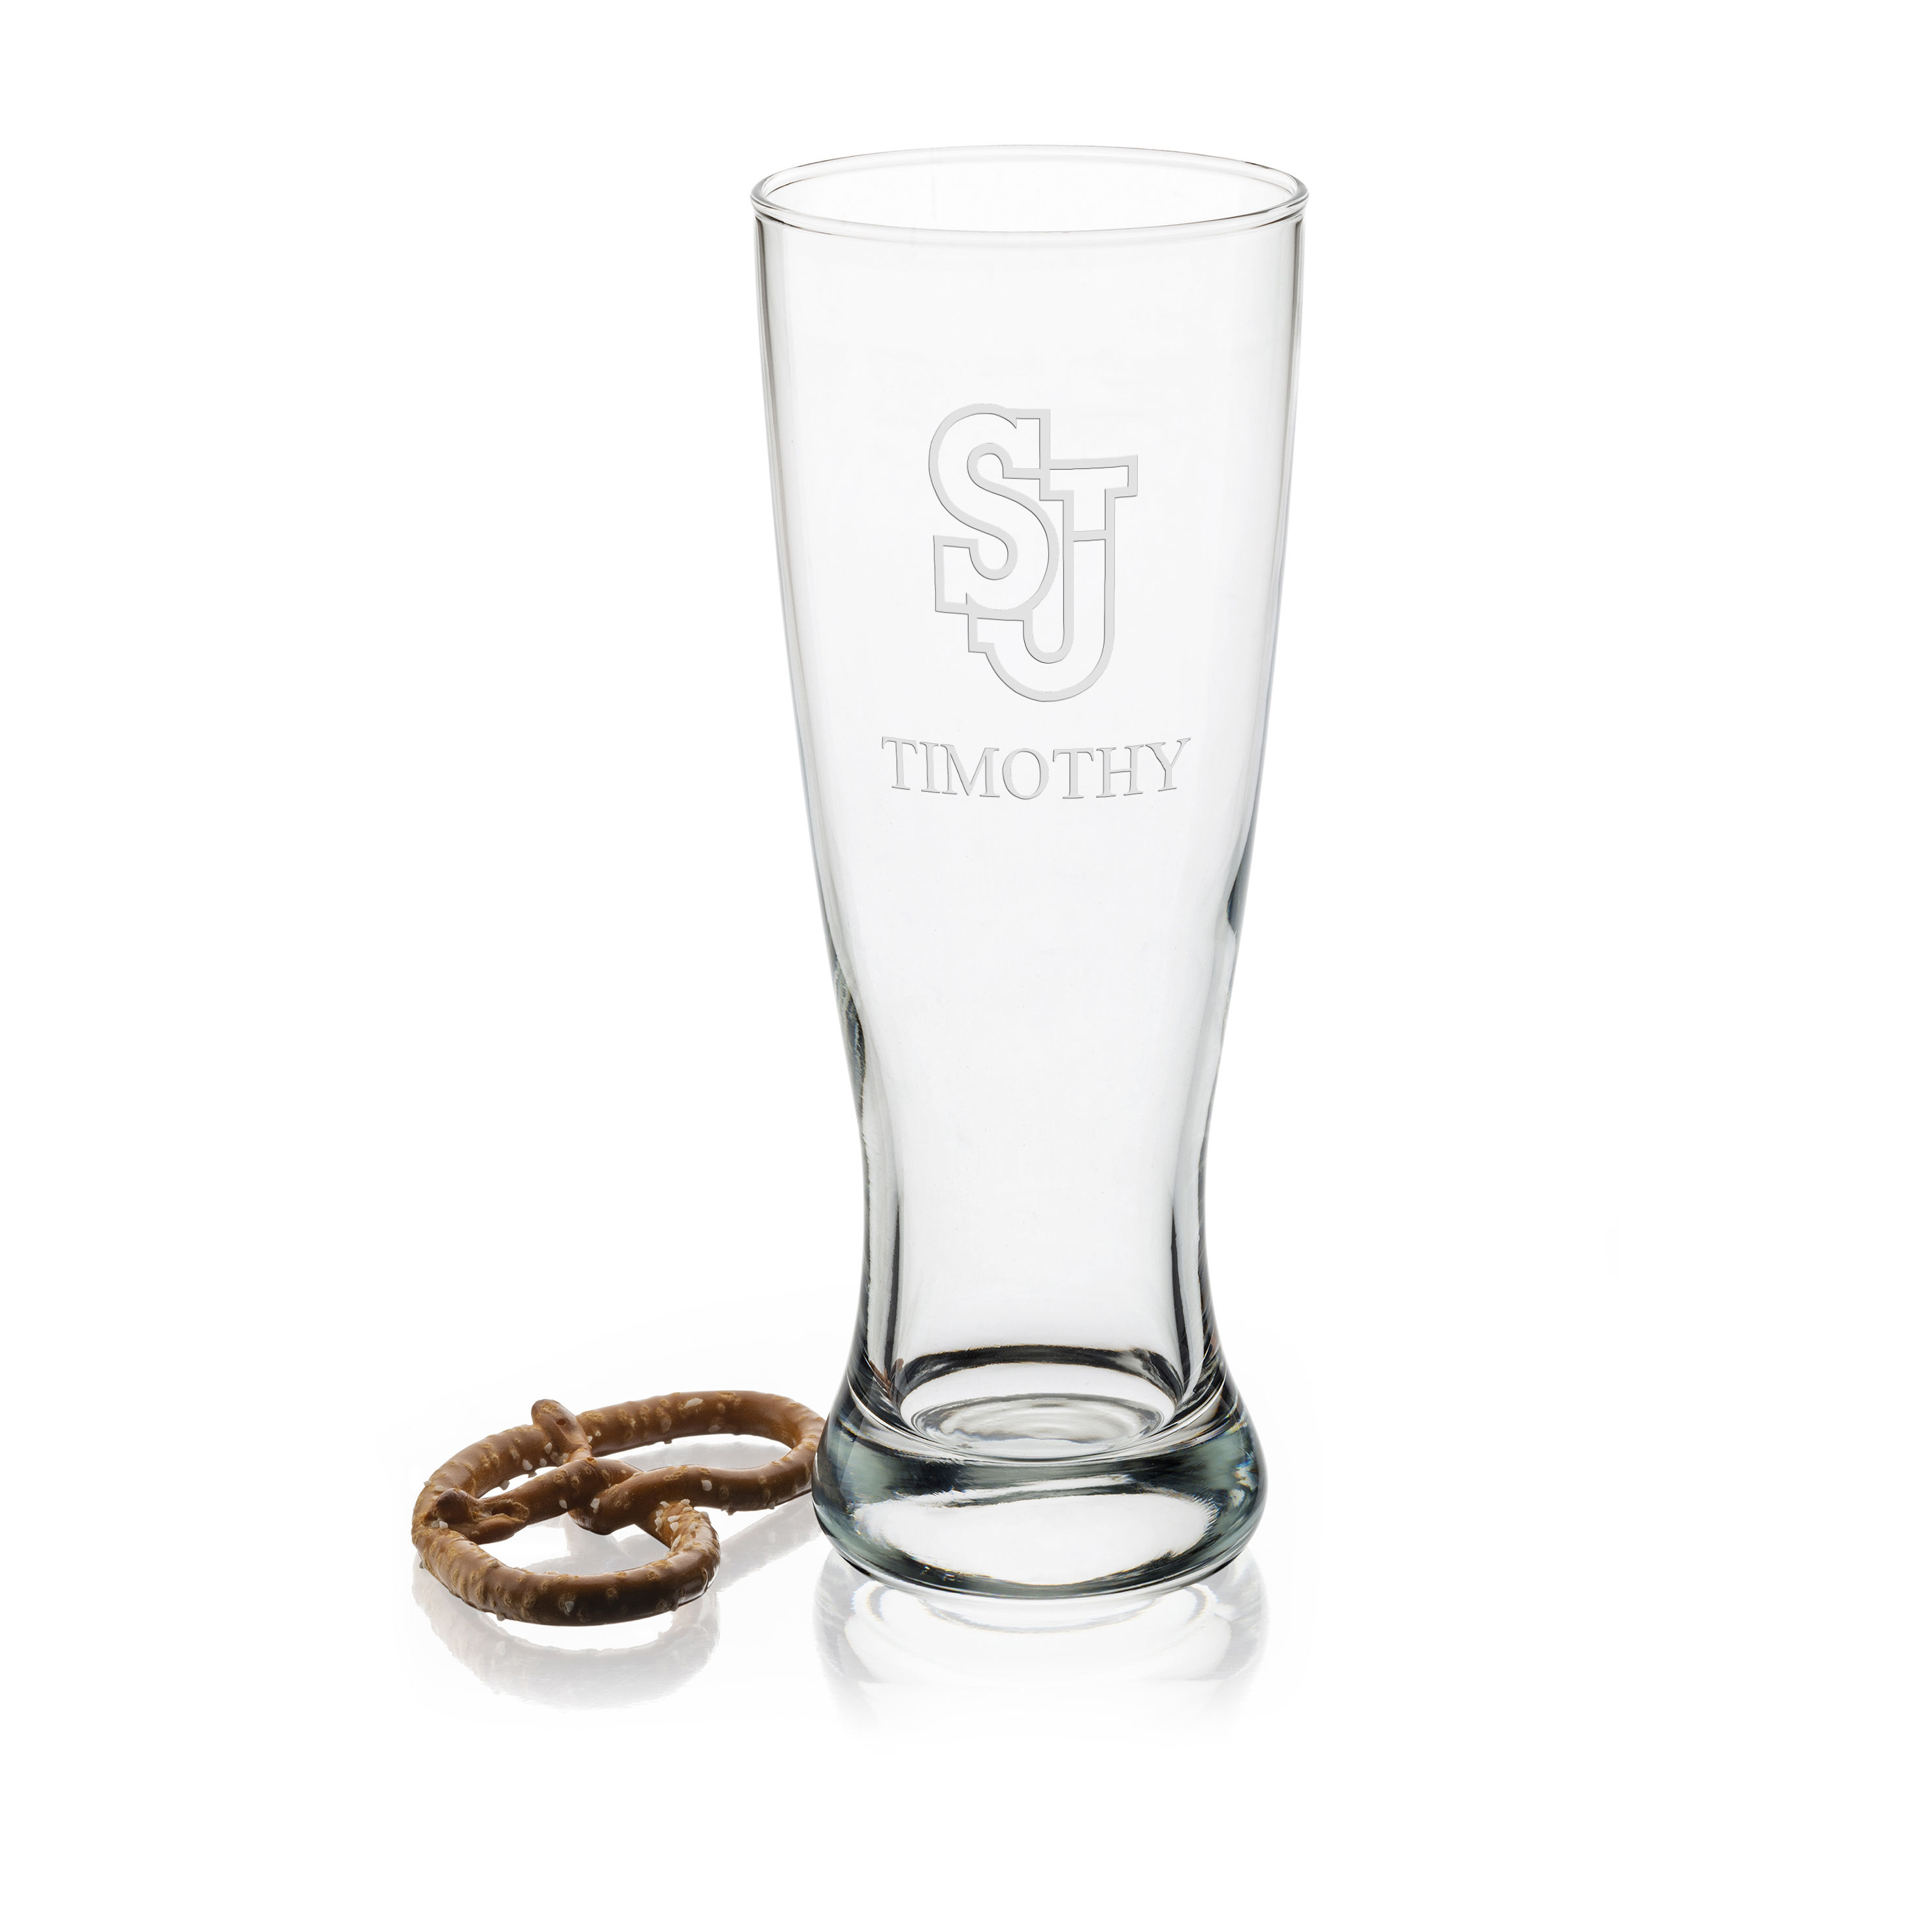 St. John's 20oz Pilsner Glasses - Set of 2